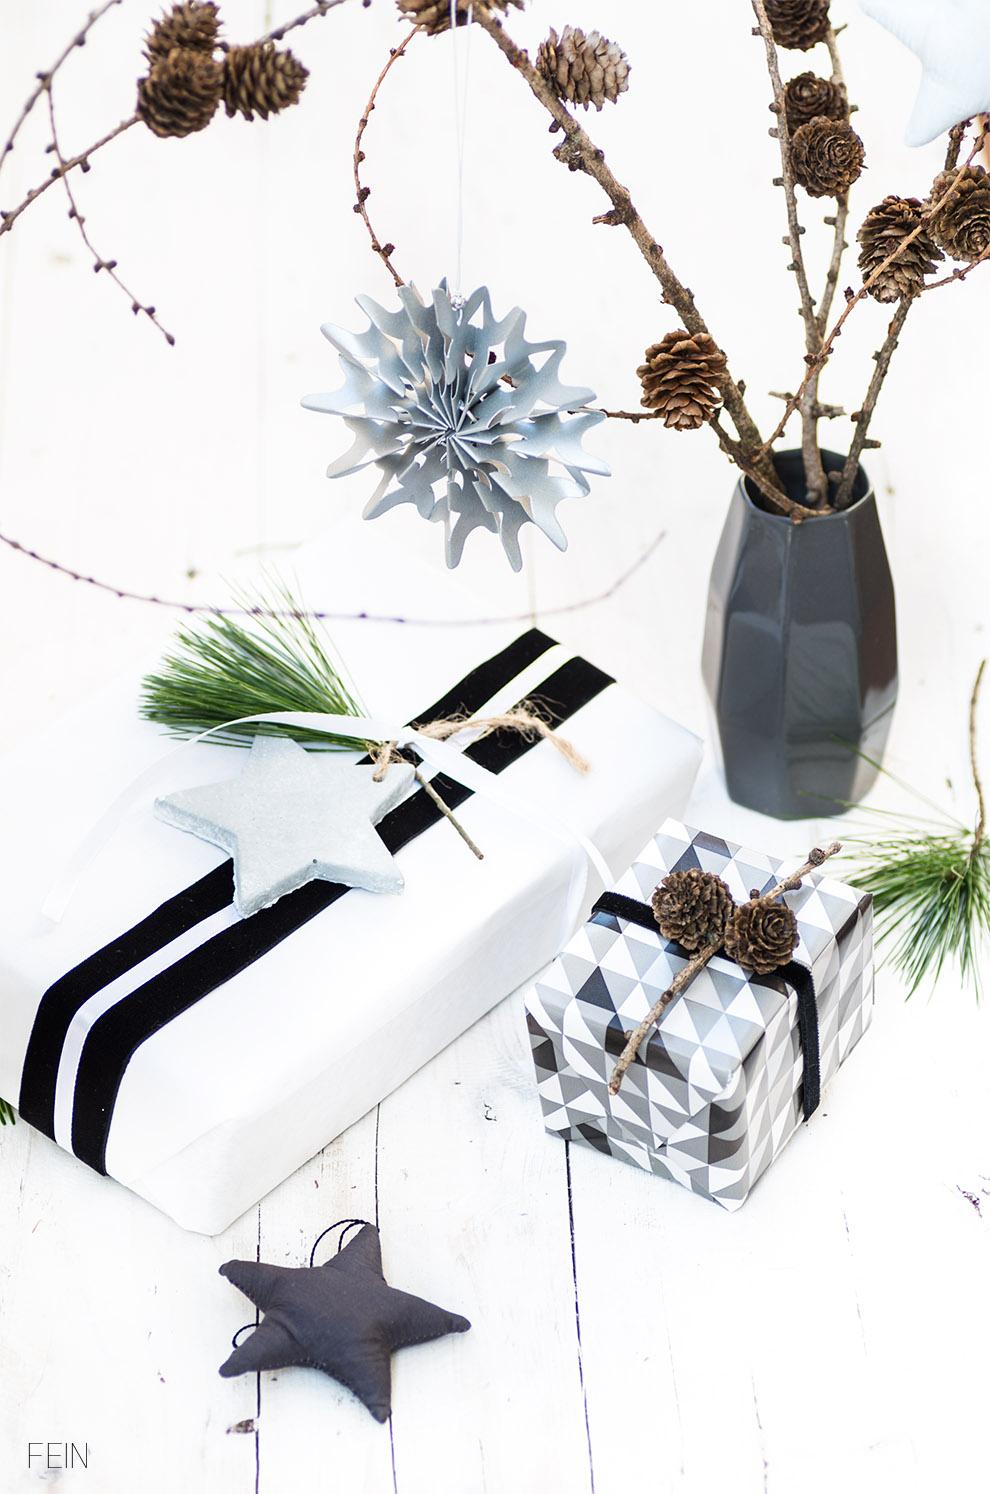 Geschenke Verpackung Weihnachten